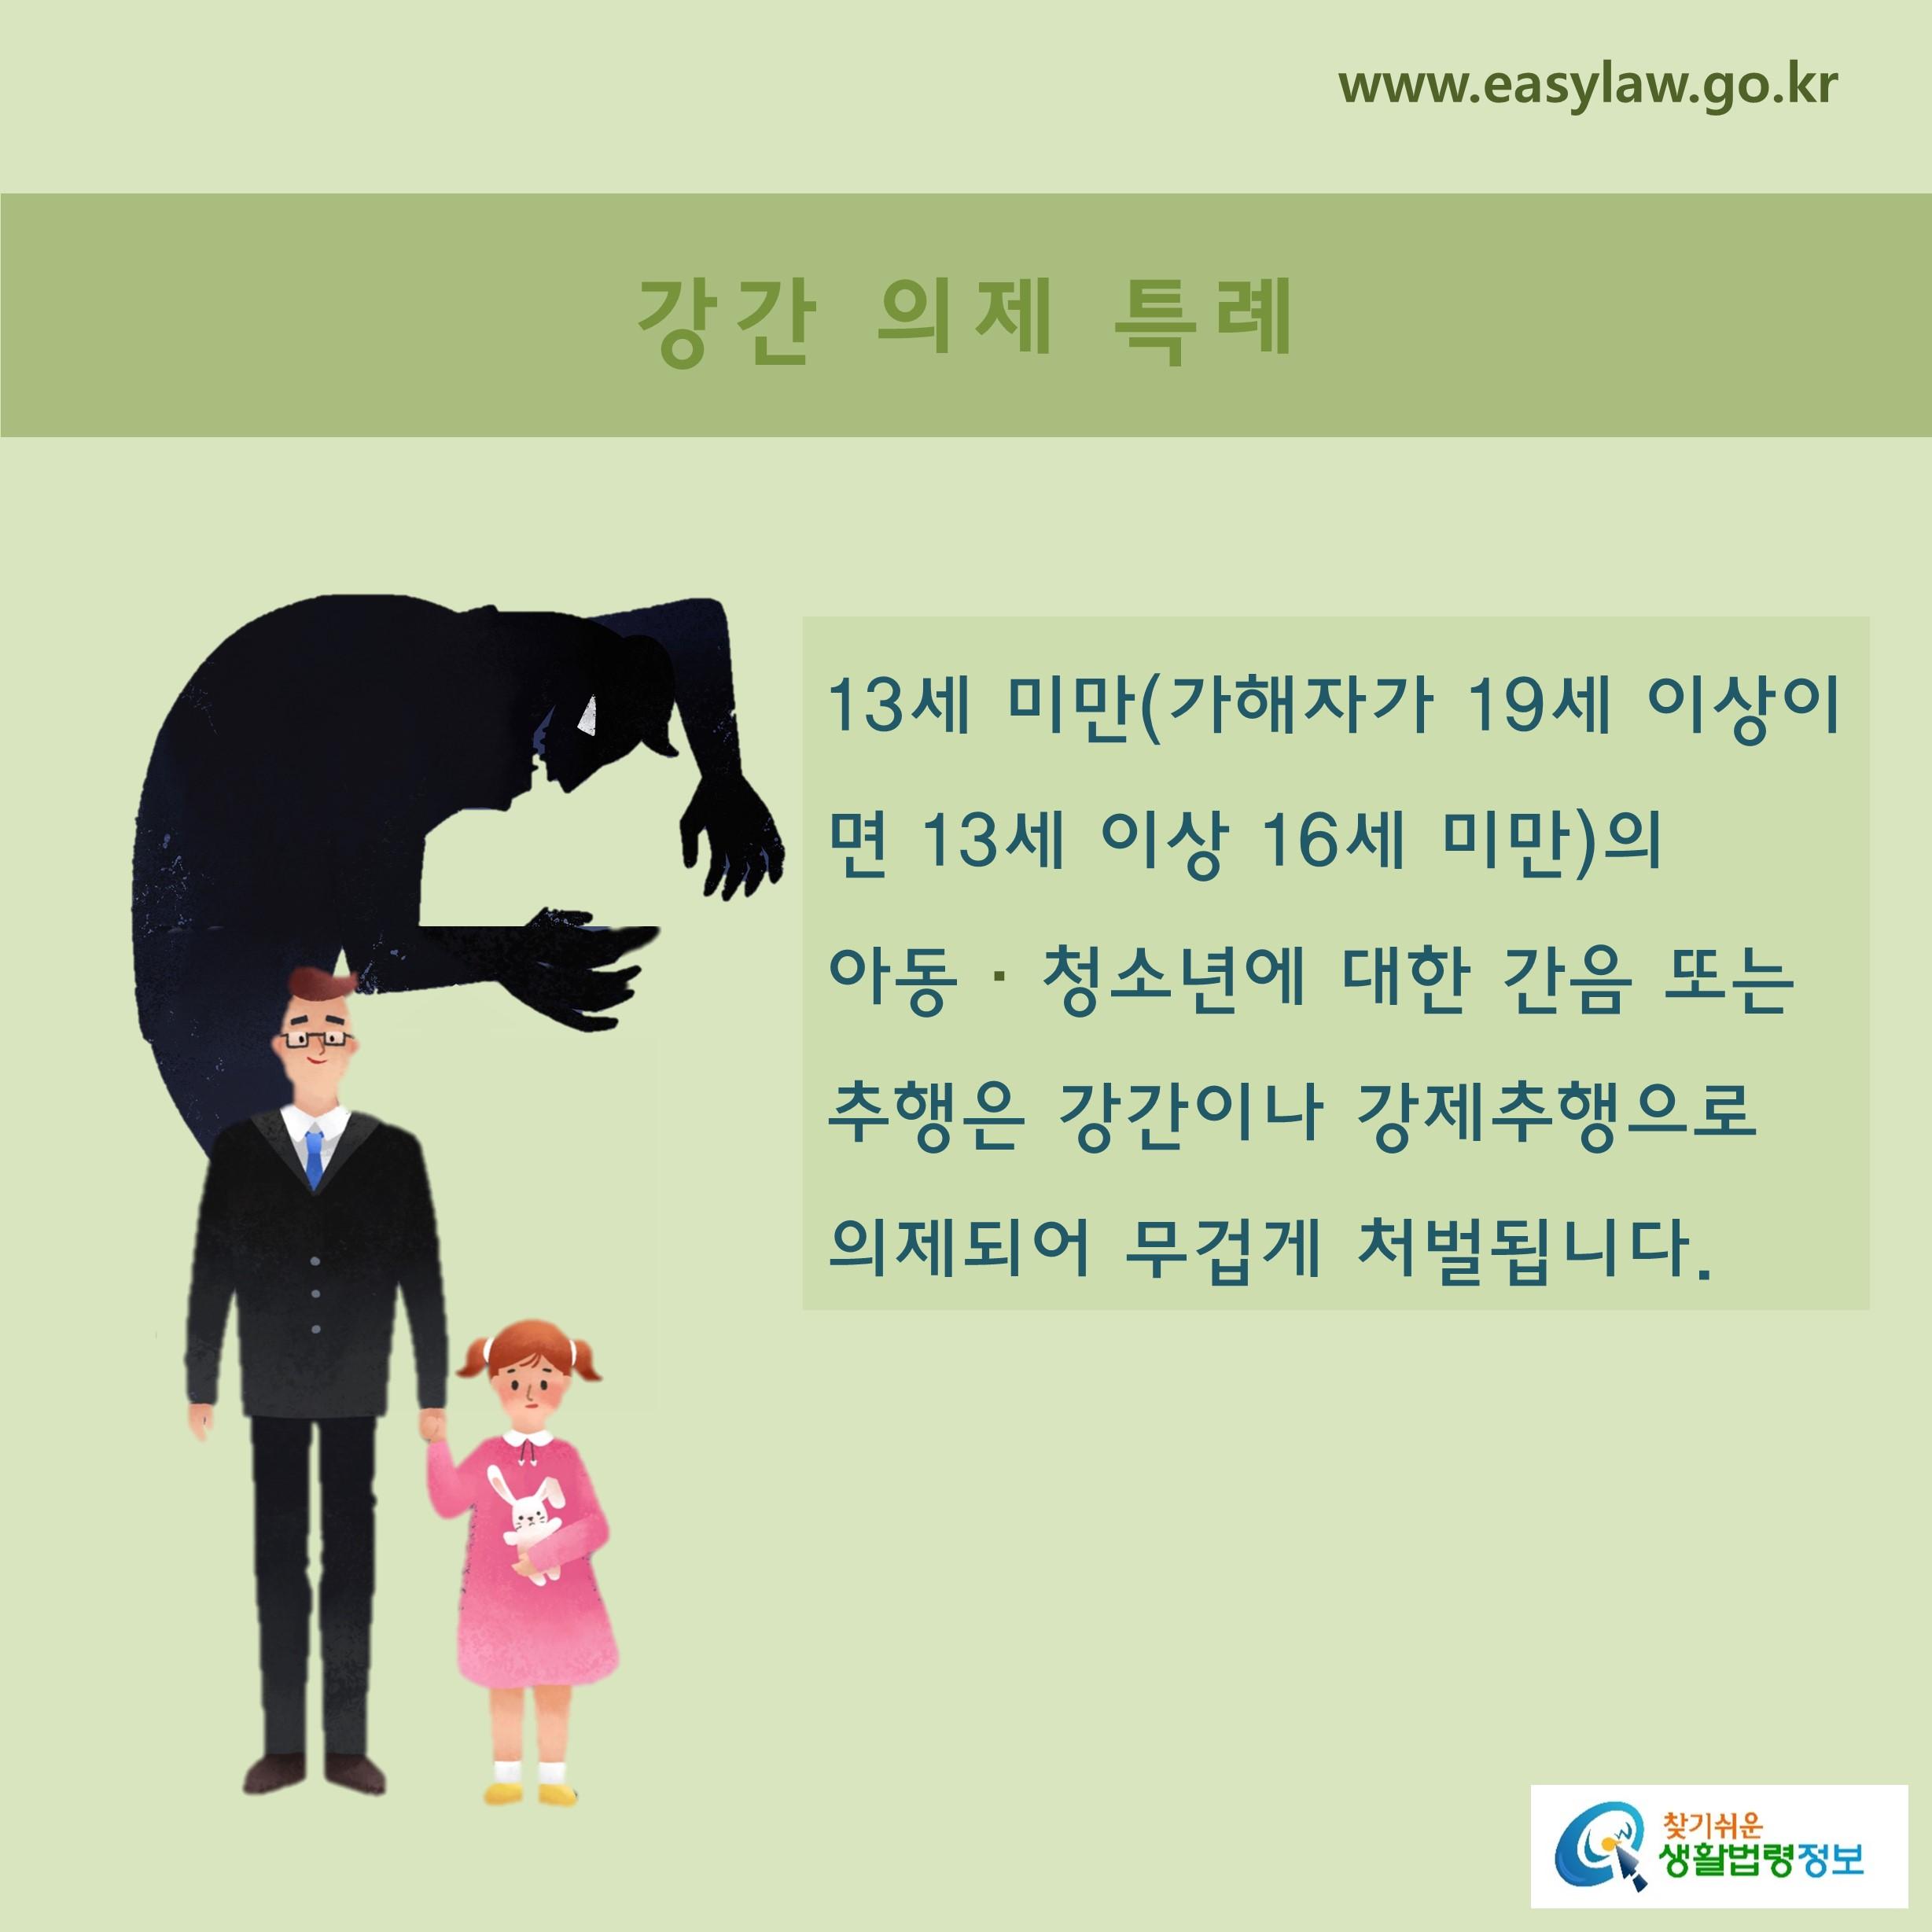 강간 의제 특례 13세 미만(가해자가 19세 이상이면 13세 이상 16세 미만)의  아동 · 청소년에 대한 간음 또는 추행은 강간이나 강제추행으로 의제되어 무겁게 처벌됩니다.